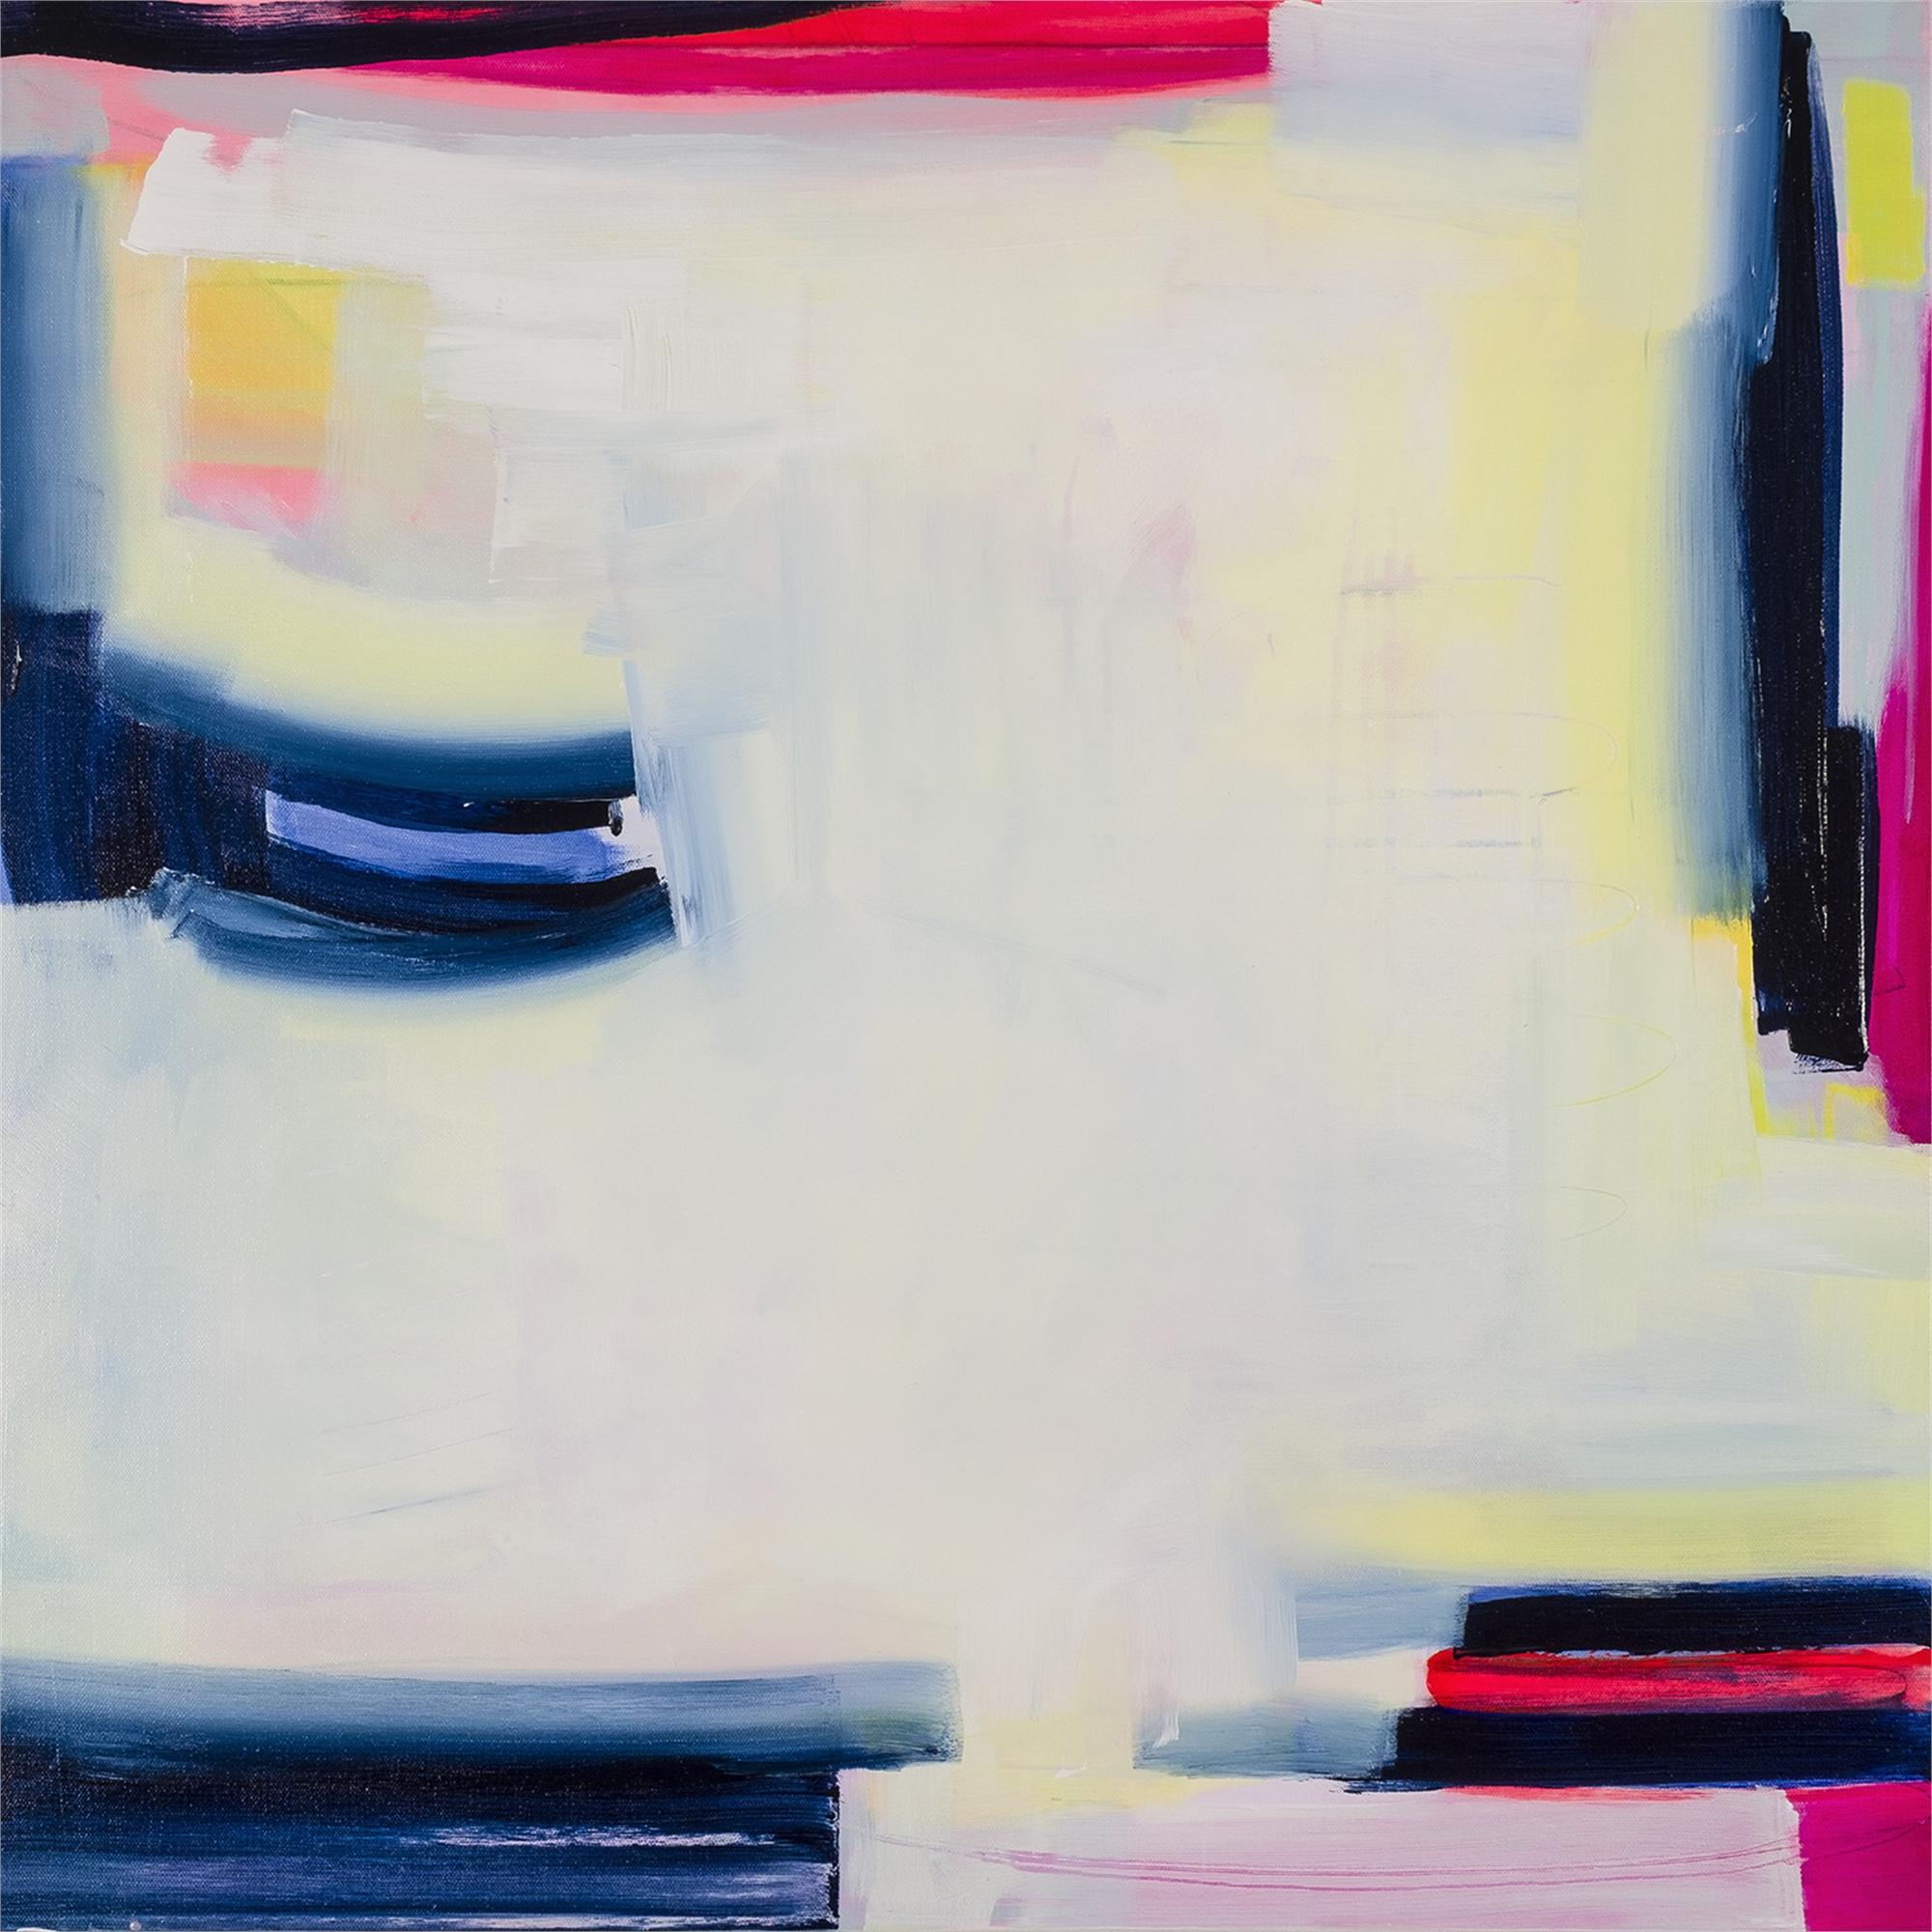 periphery study 1 by Leslie Gaworecki